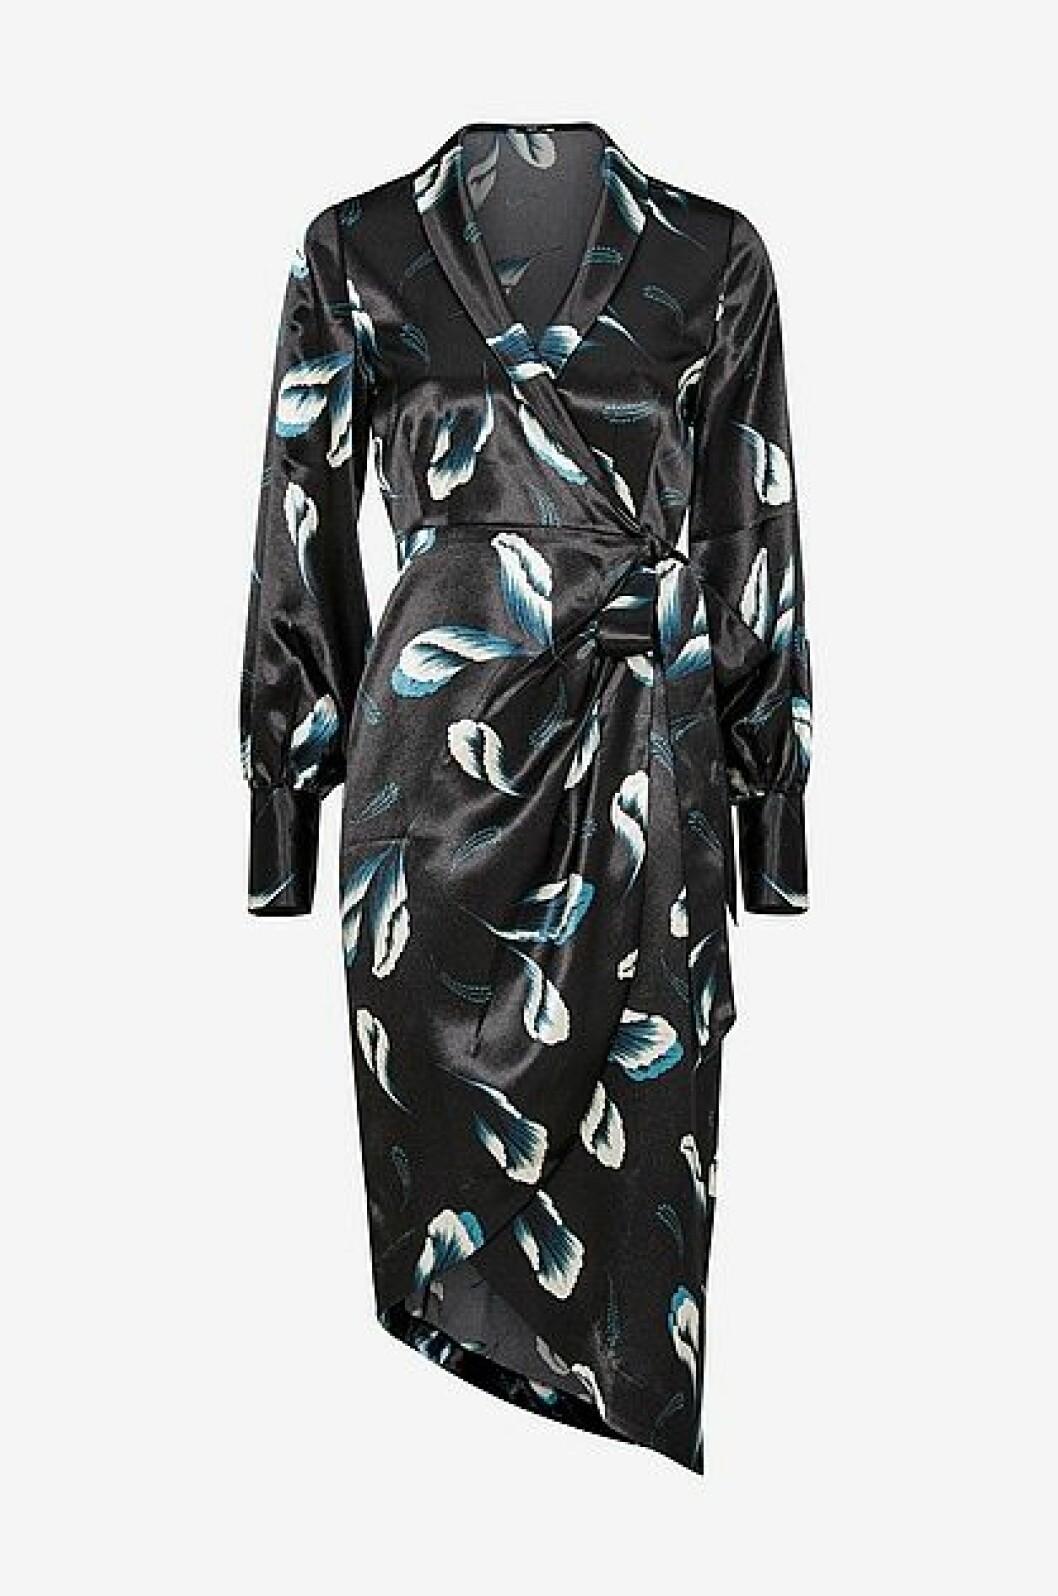 Mönstrad omlottklänning i silkigt material, ur Anja och Filippas kollektion för Ellos